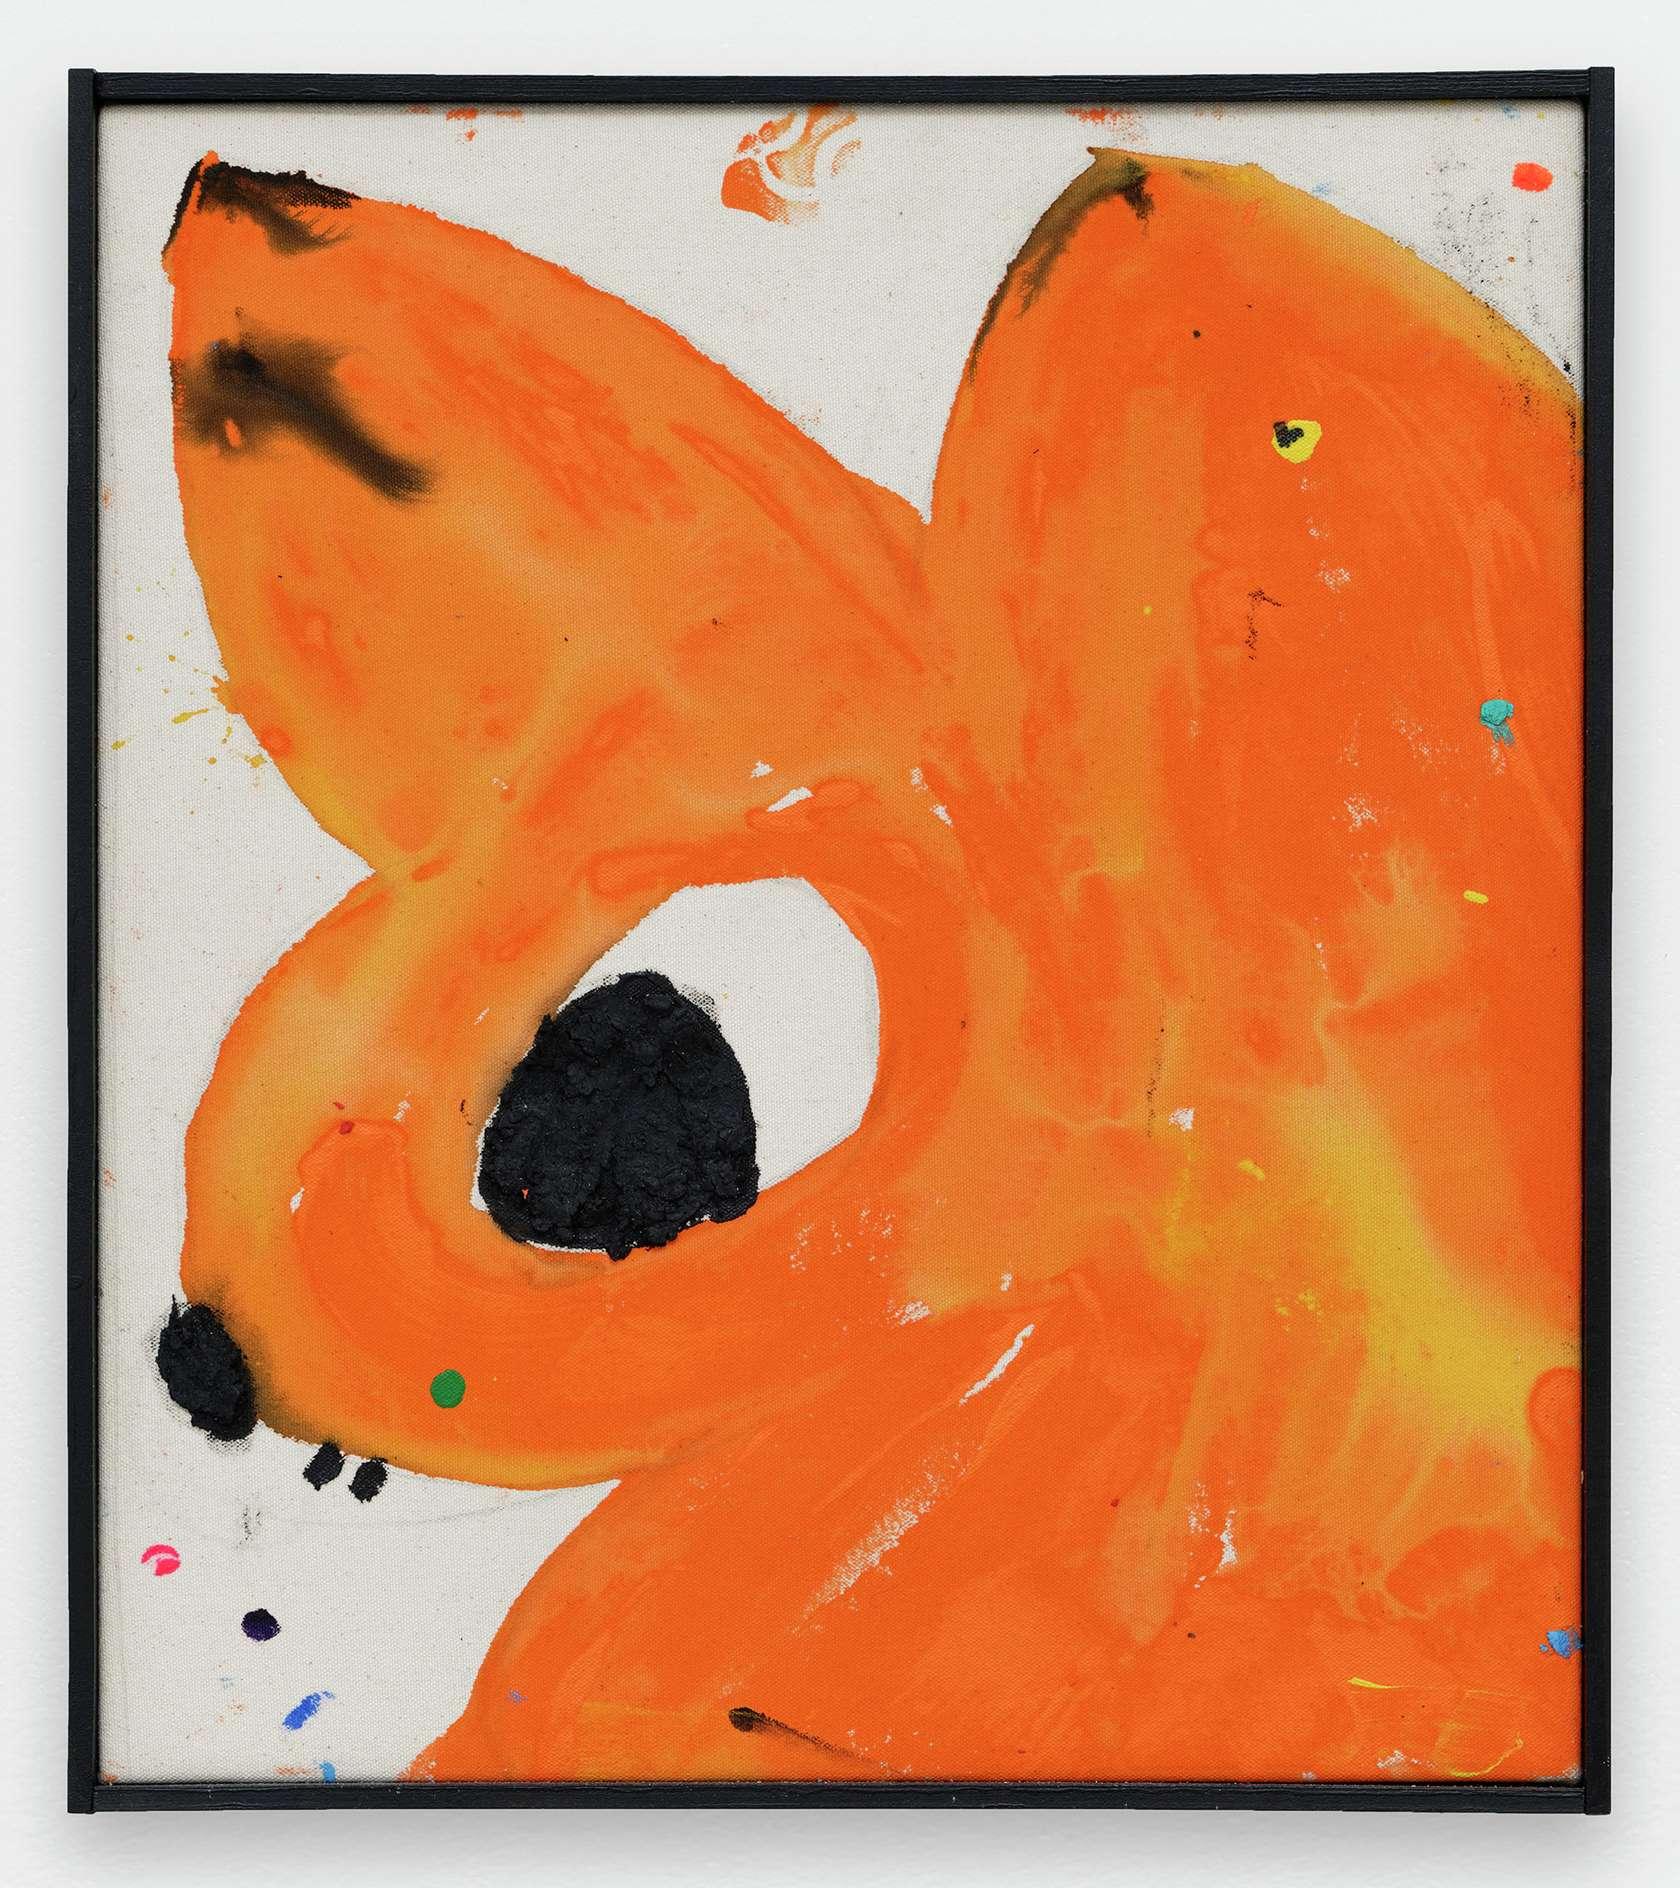 Szabolcs Bozó, Mr. Rat, 2020 Acrylique, encre et pastel sur toile50 × 40 cm / 19 5/8 × 15 3/4 in.